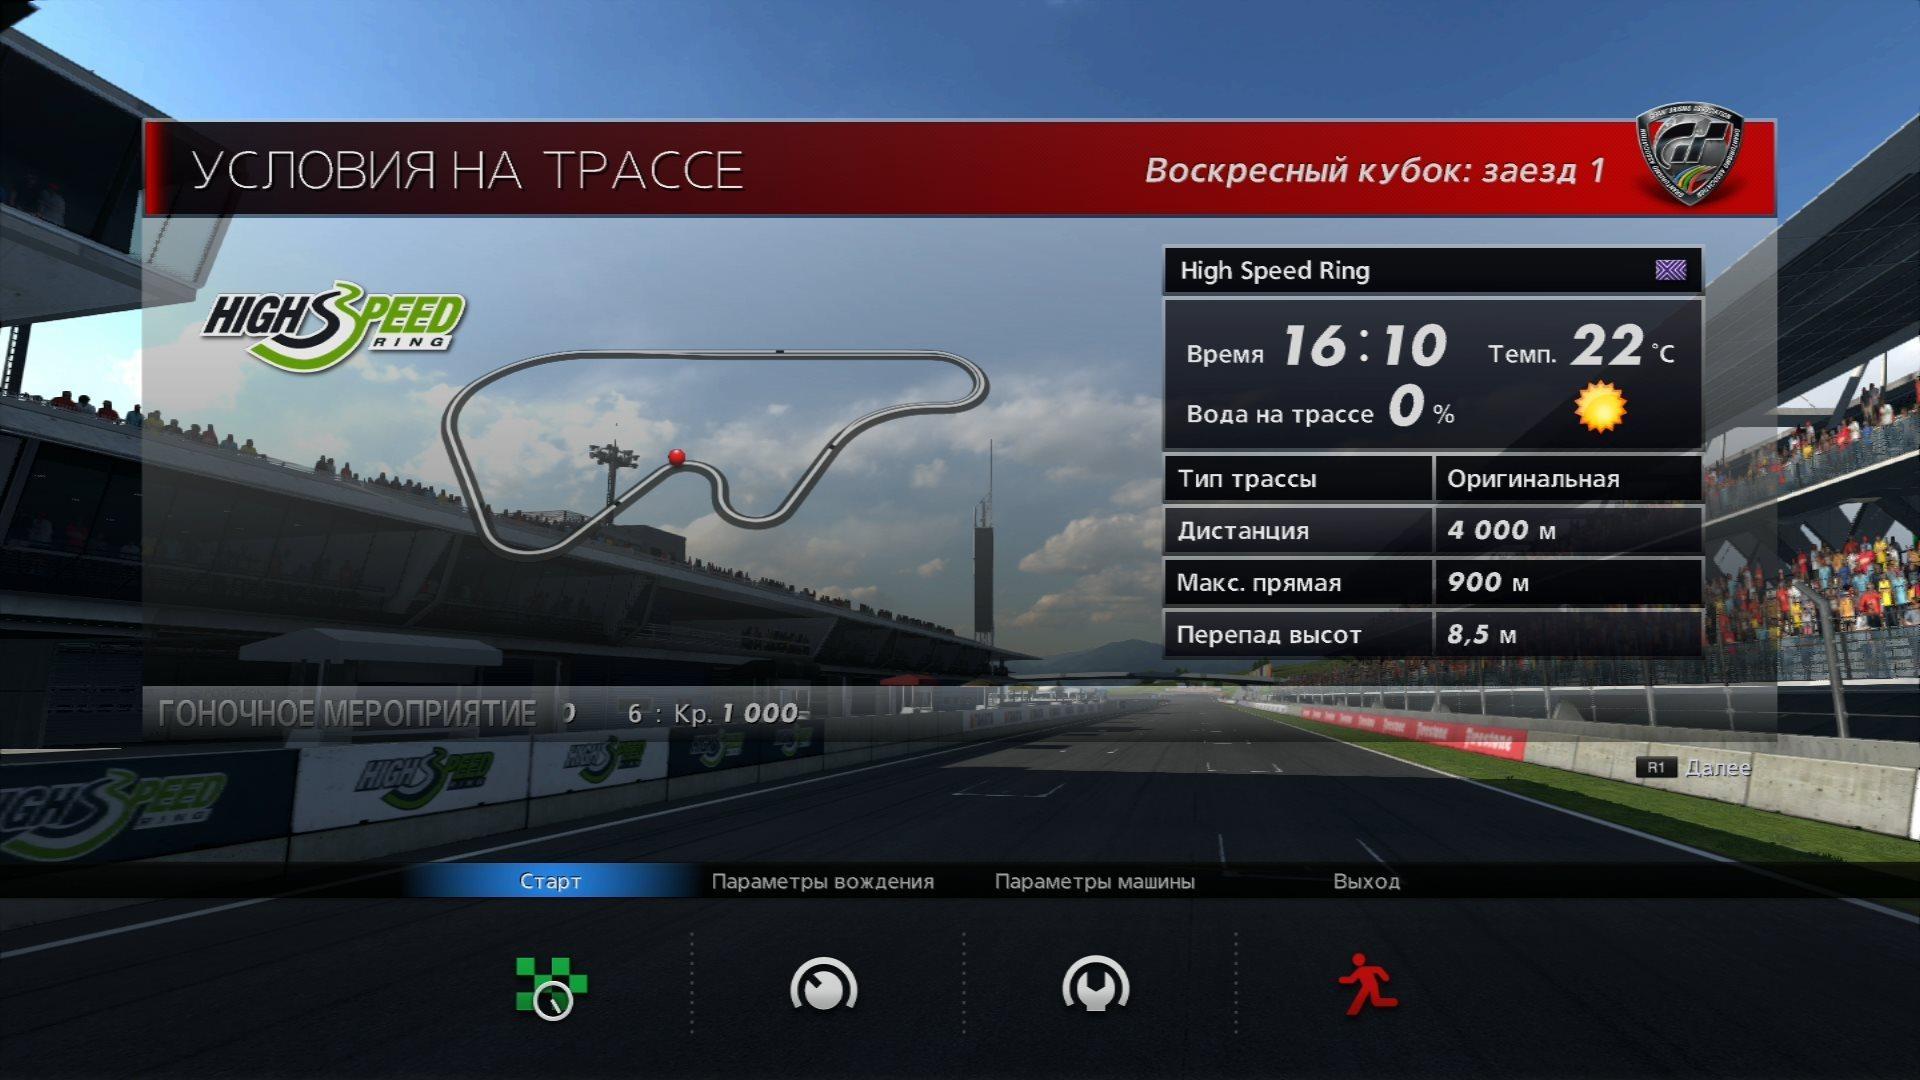 Gran Turismo 6 (2013) [PS3] EUR (4.21/4.60) [Repack/1.15/7 DLC] [Ru/En]